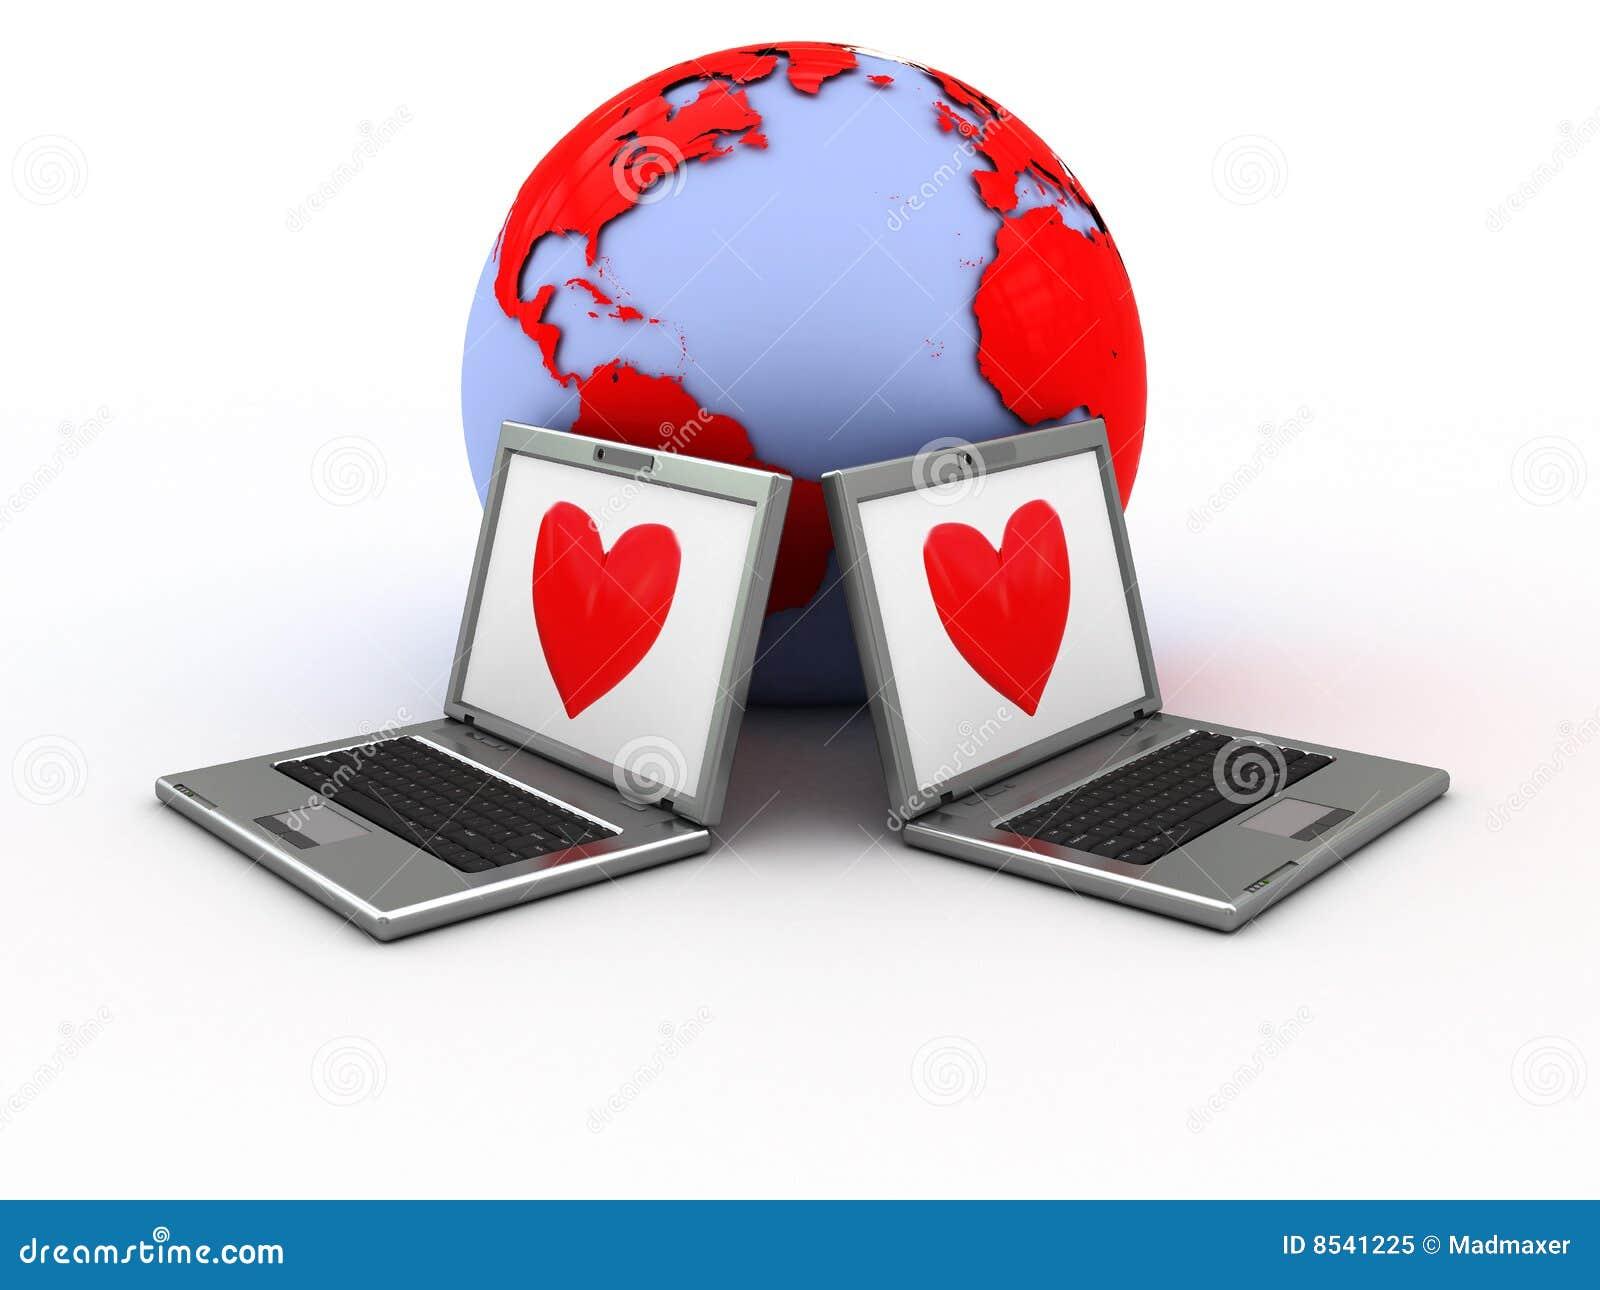 Bisexual Dating WebOnline Bisexual meetBi chat Web